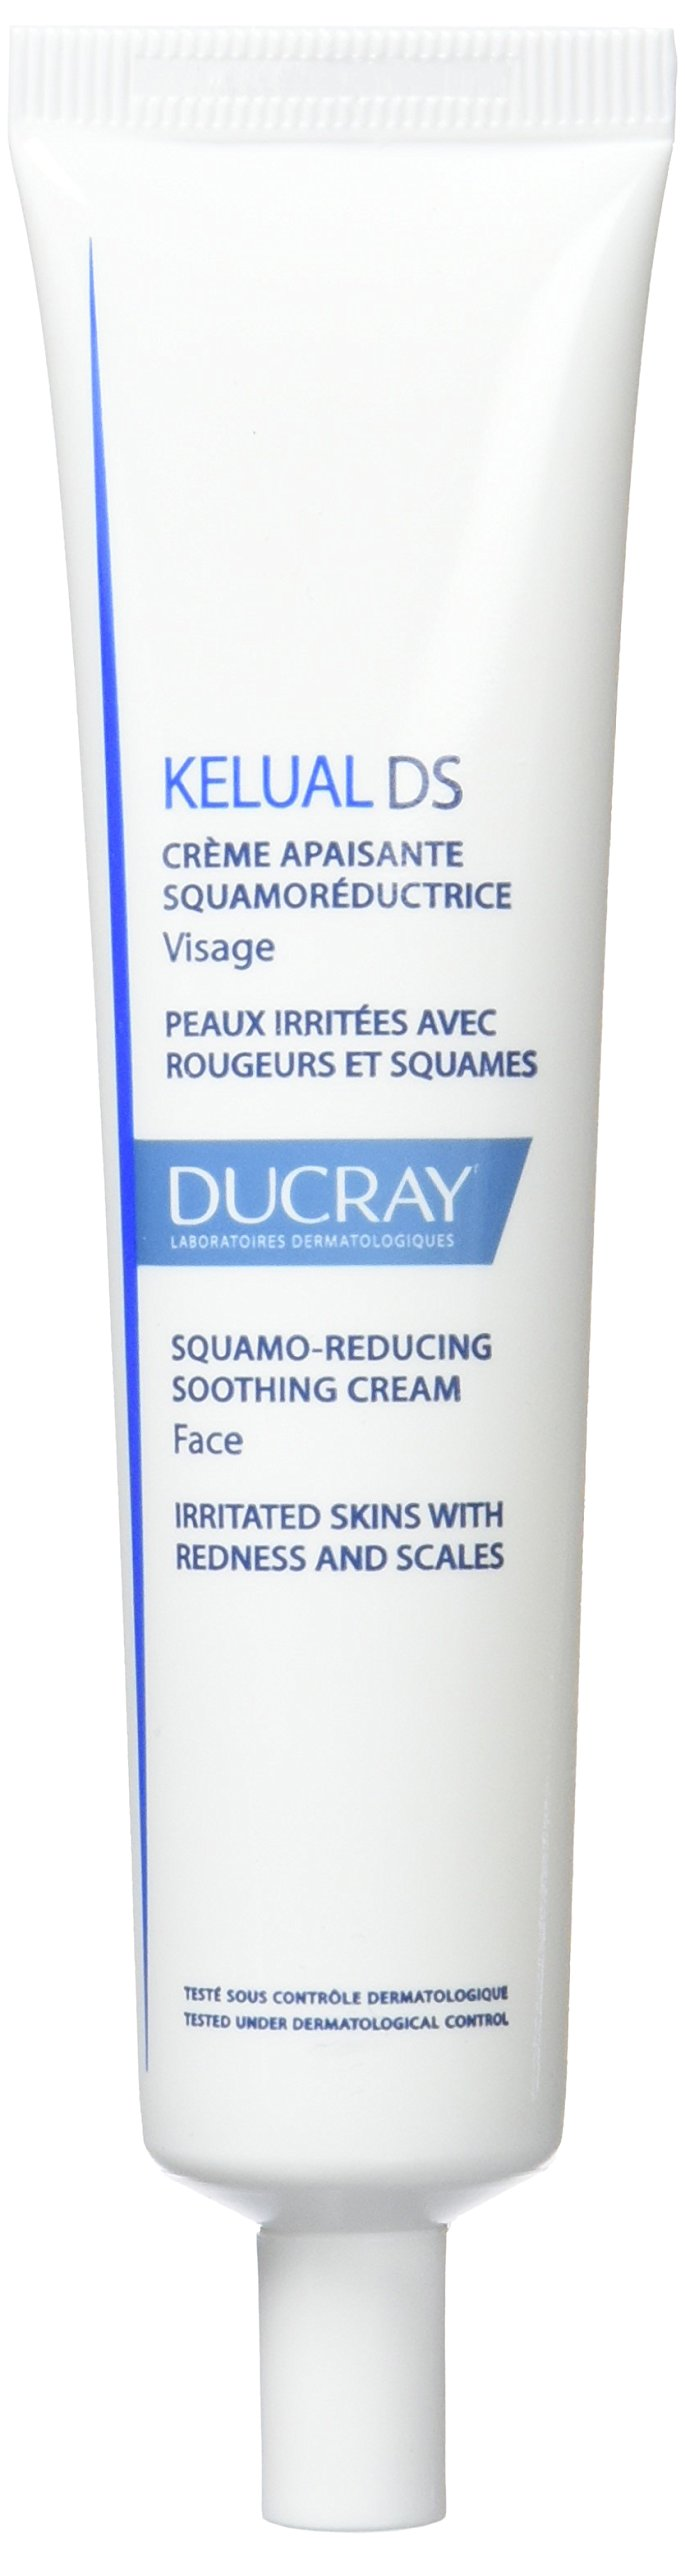 DUCRAY - DUCRAY KELUAL Ds Crema Facial Piel Seboescamosa 40 ml product image